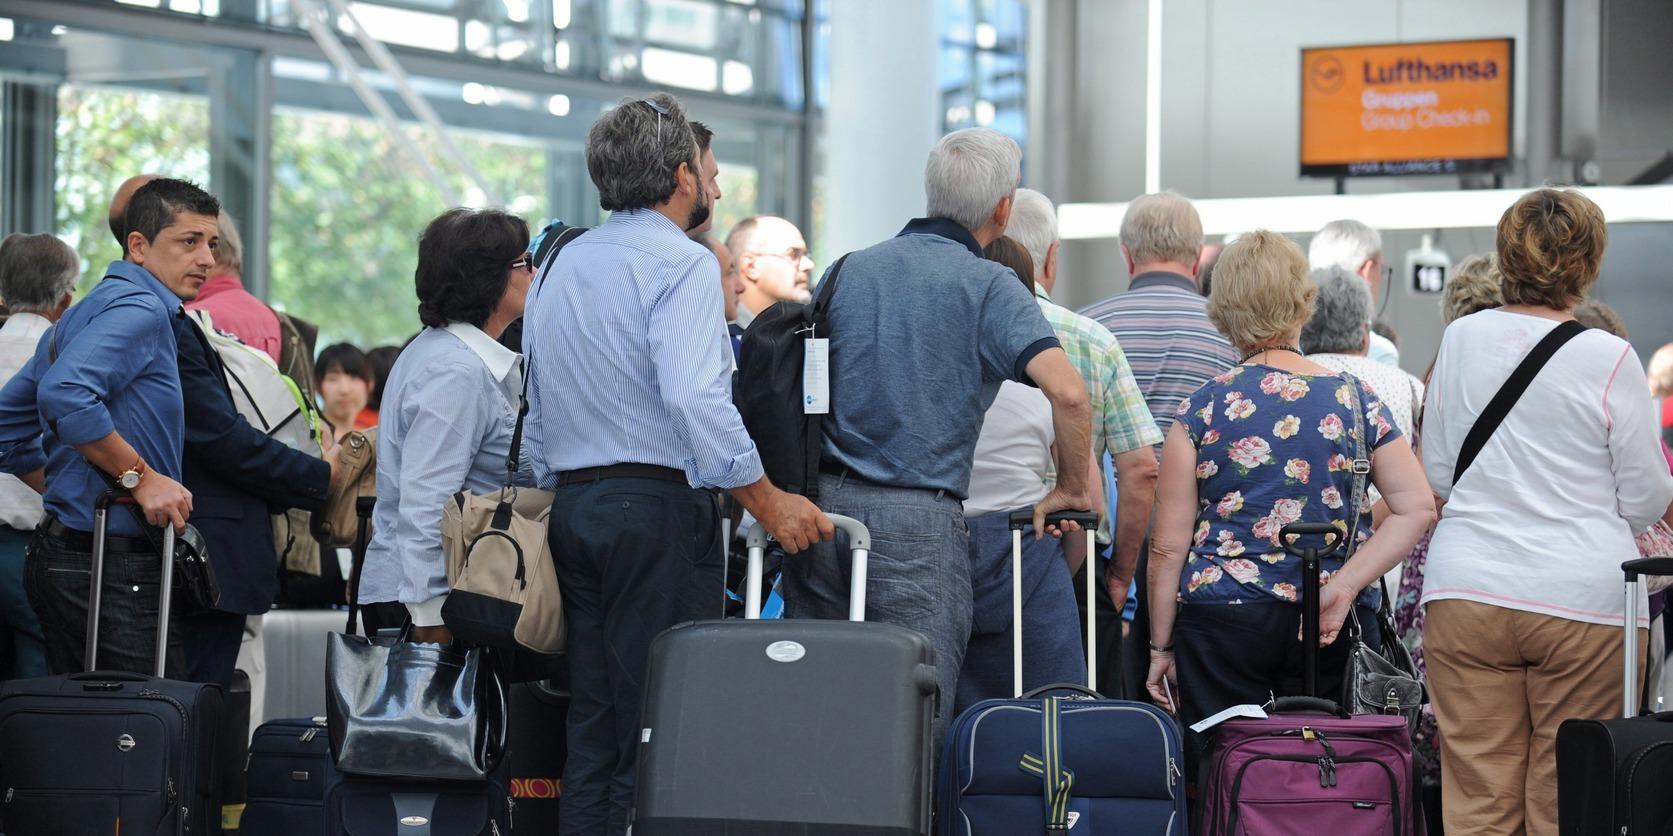 München, 2012. augusztus 29.Utasok várakoznak a müncheni nemzetközi repülőtéren 2012. augusztus 29-én. Az UFO szakszervezet elnökének tájékoztatása szerint augusztus 30-tól sztrájkol a Lufthansa német légitársaság kabinszemélyzete, egyes repülőtereken több órára felfüggesztik majd a munkát, miután a bértárgyalások zátonyra futottak. A Lufthansánál 19 ezer utaskísérő dolgozik, becslések szerint kétharmaduk a sztrájkot meghirdető szakszervezet tagja. Az UFO 5 százalékos béremelést és egyhavi bérnek megfelelő nyereségrészesedést követel, valamint garanciát arra, hogy a Lufthansa nem szervezi ki az utaskísérői feladatokat és nem alkalmaz kölcsönzött munkaerőt. (MTI/EPA/Andreas Gebert)